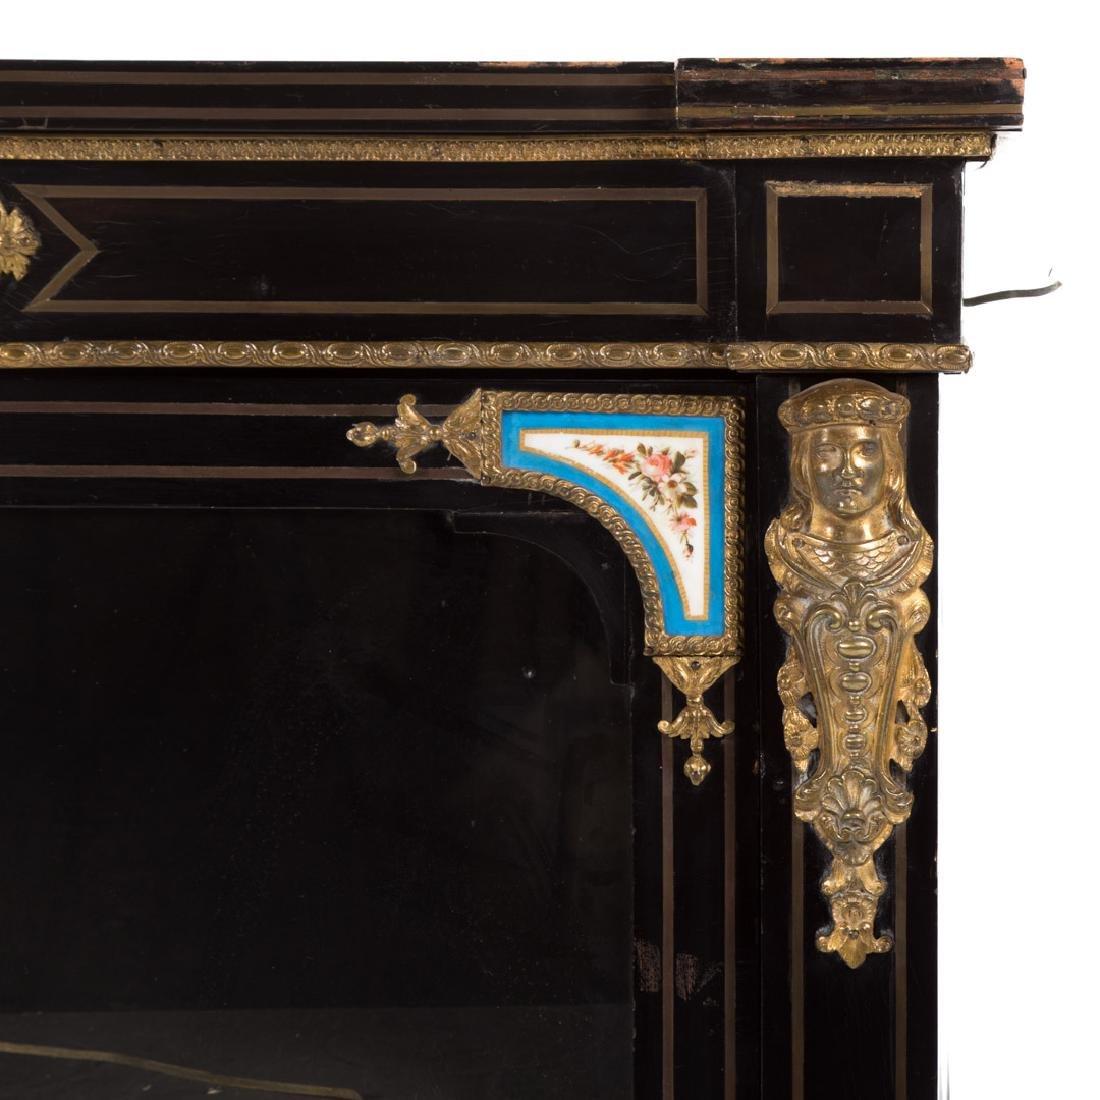 Napoleon III ebonized wood bibliotheque - 4